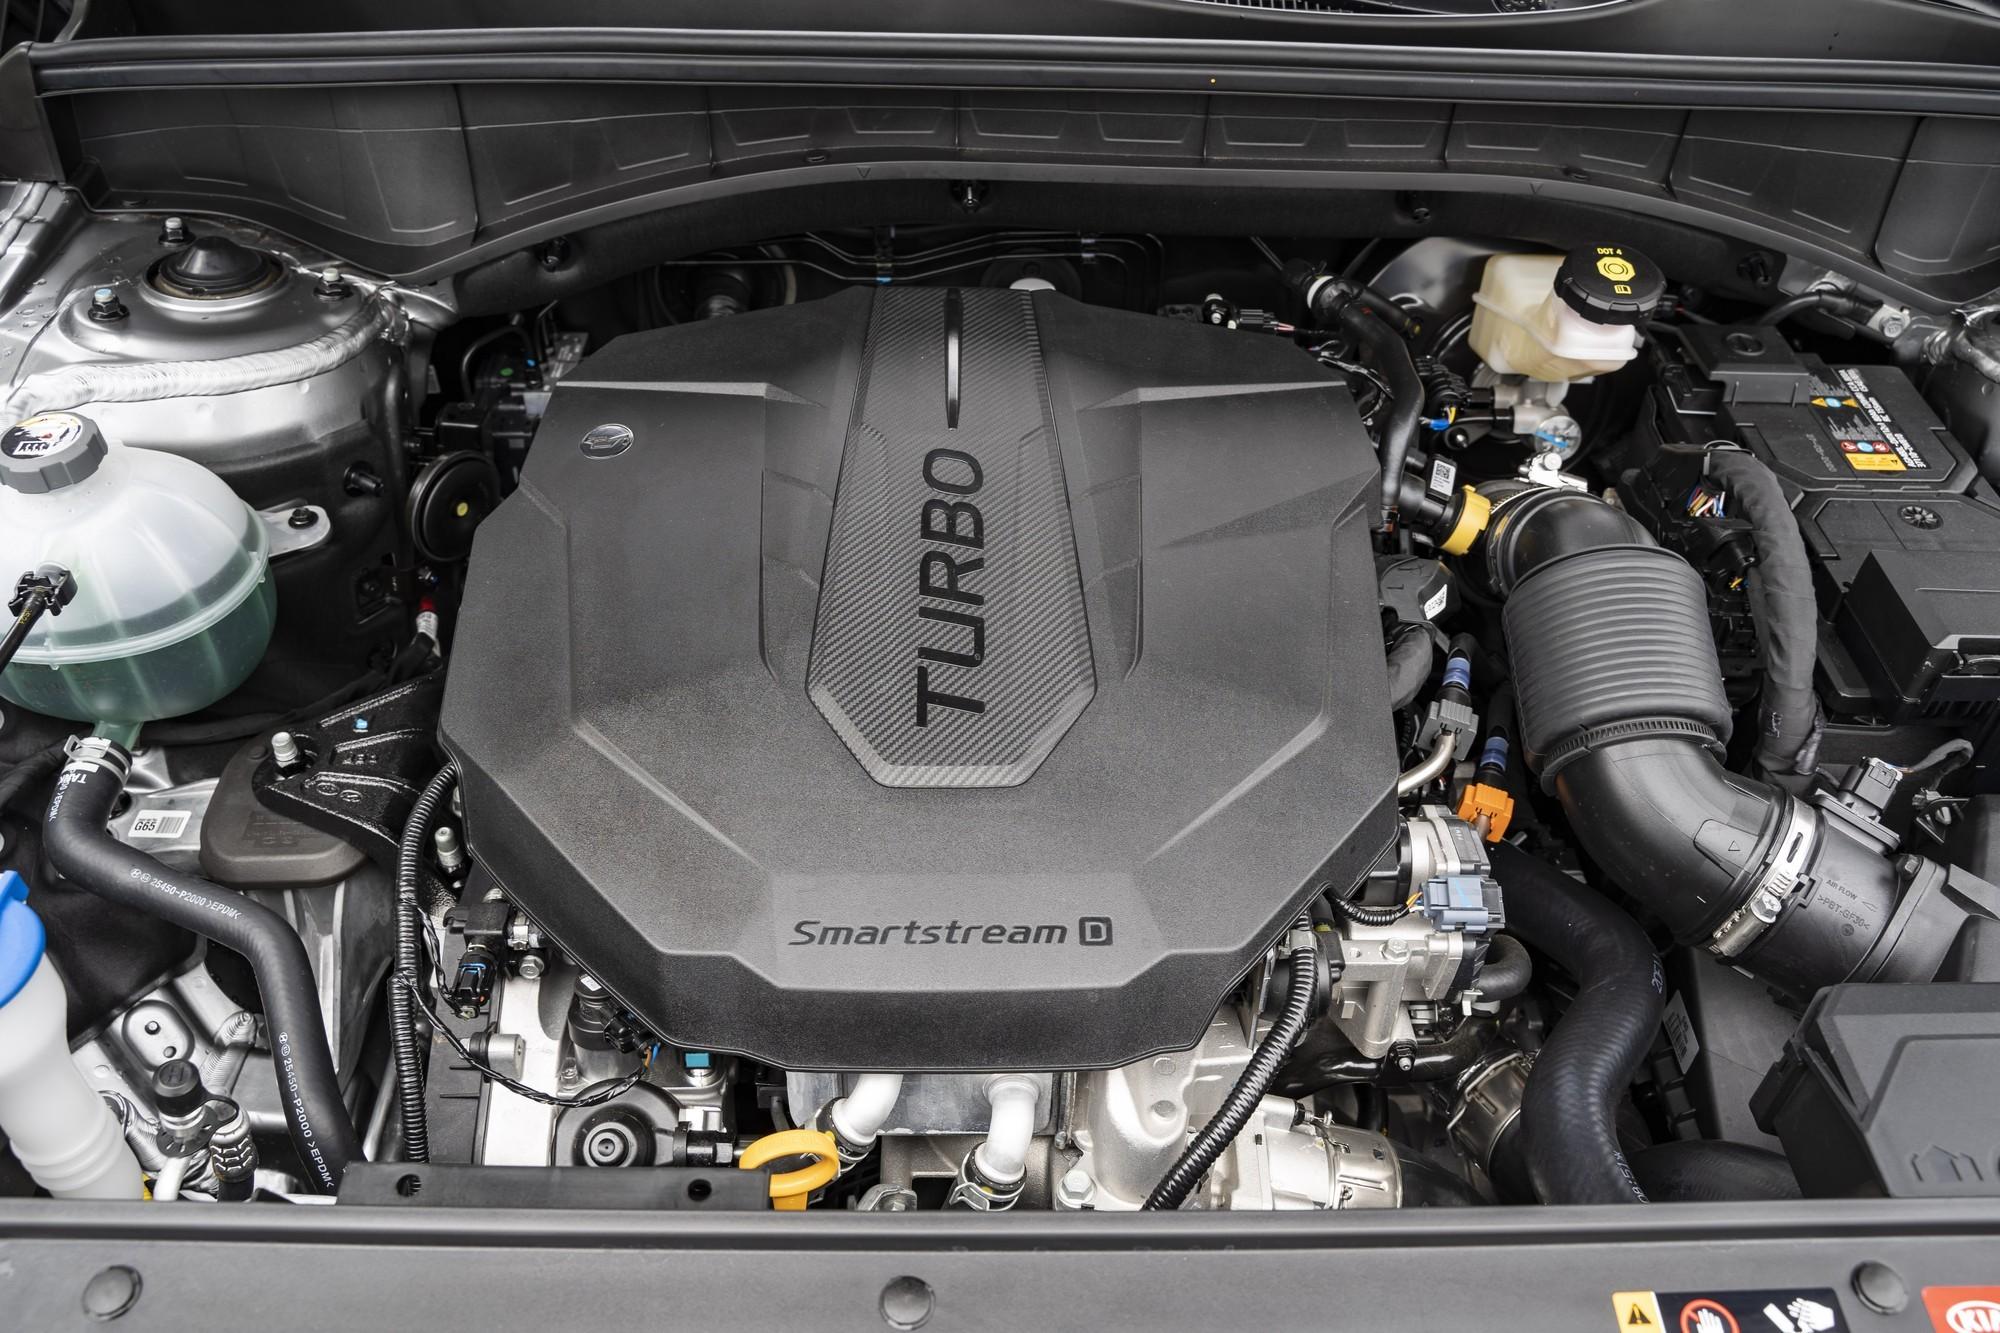 Спрос ни при чём: дизельные Kia Sorento не отдают клиентам из-за дополнительной проверки